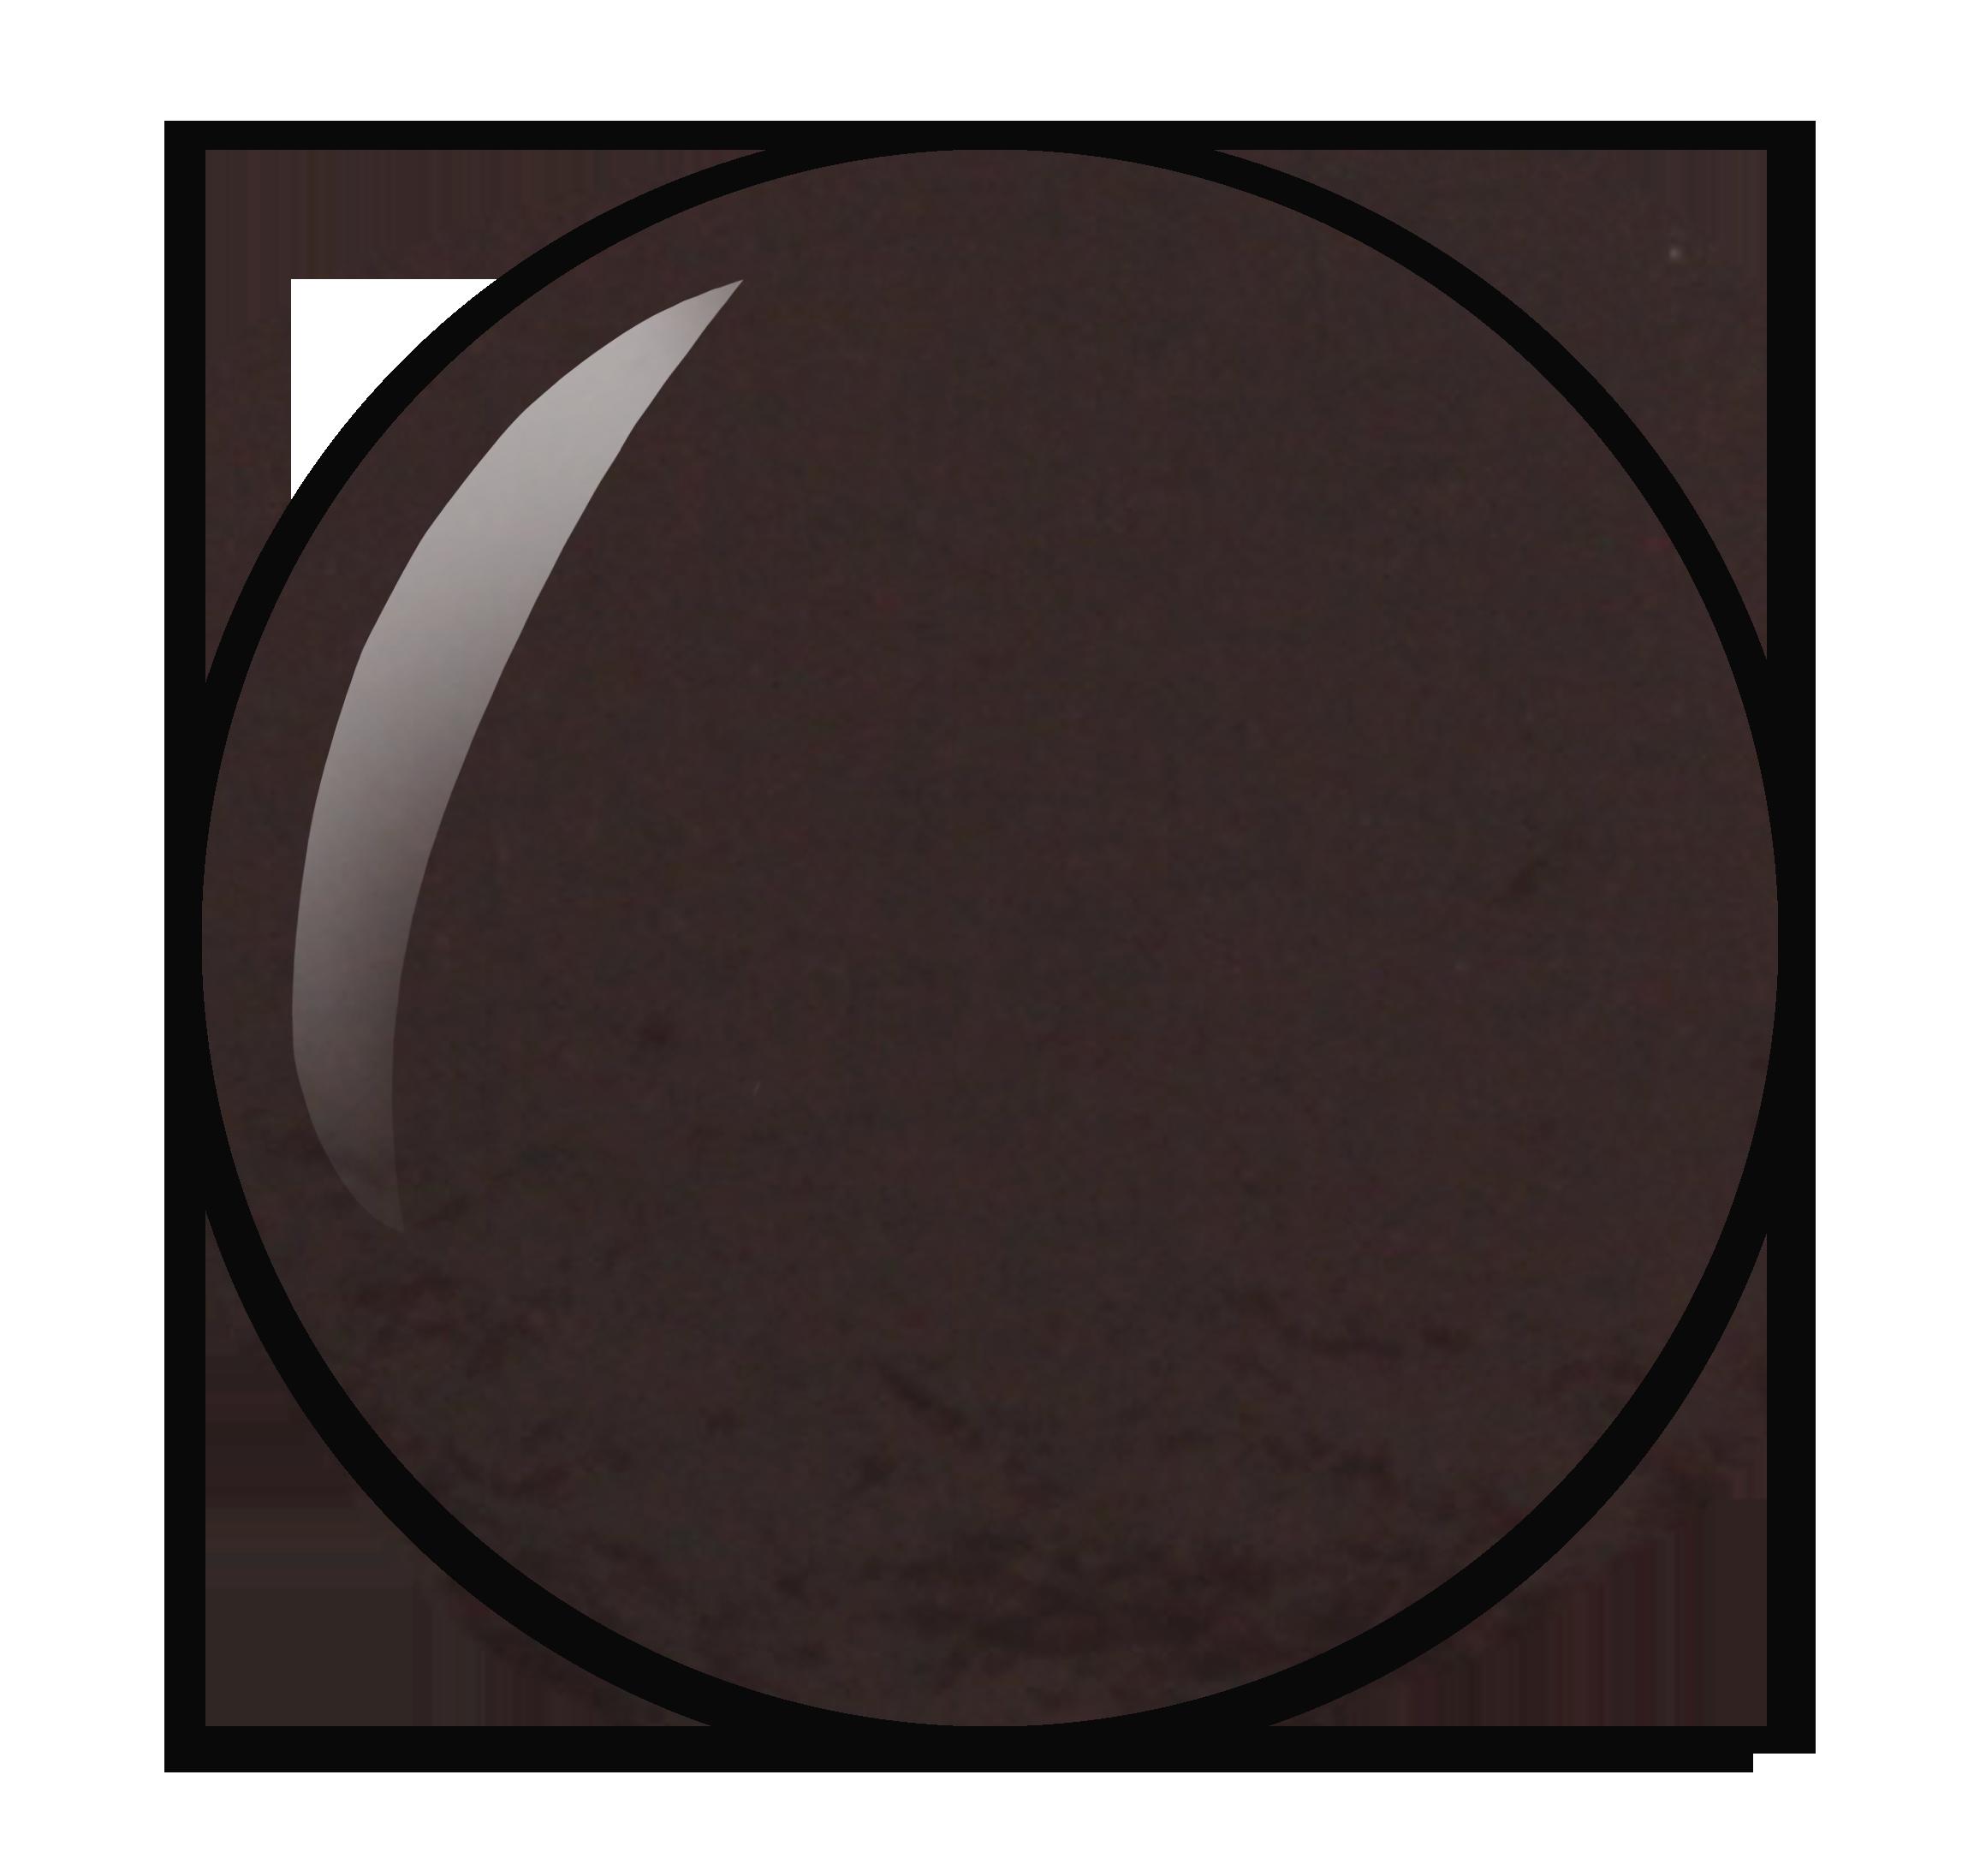 Donker bruine nagellak kleurnummer 38 van Herôme